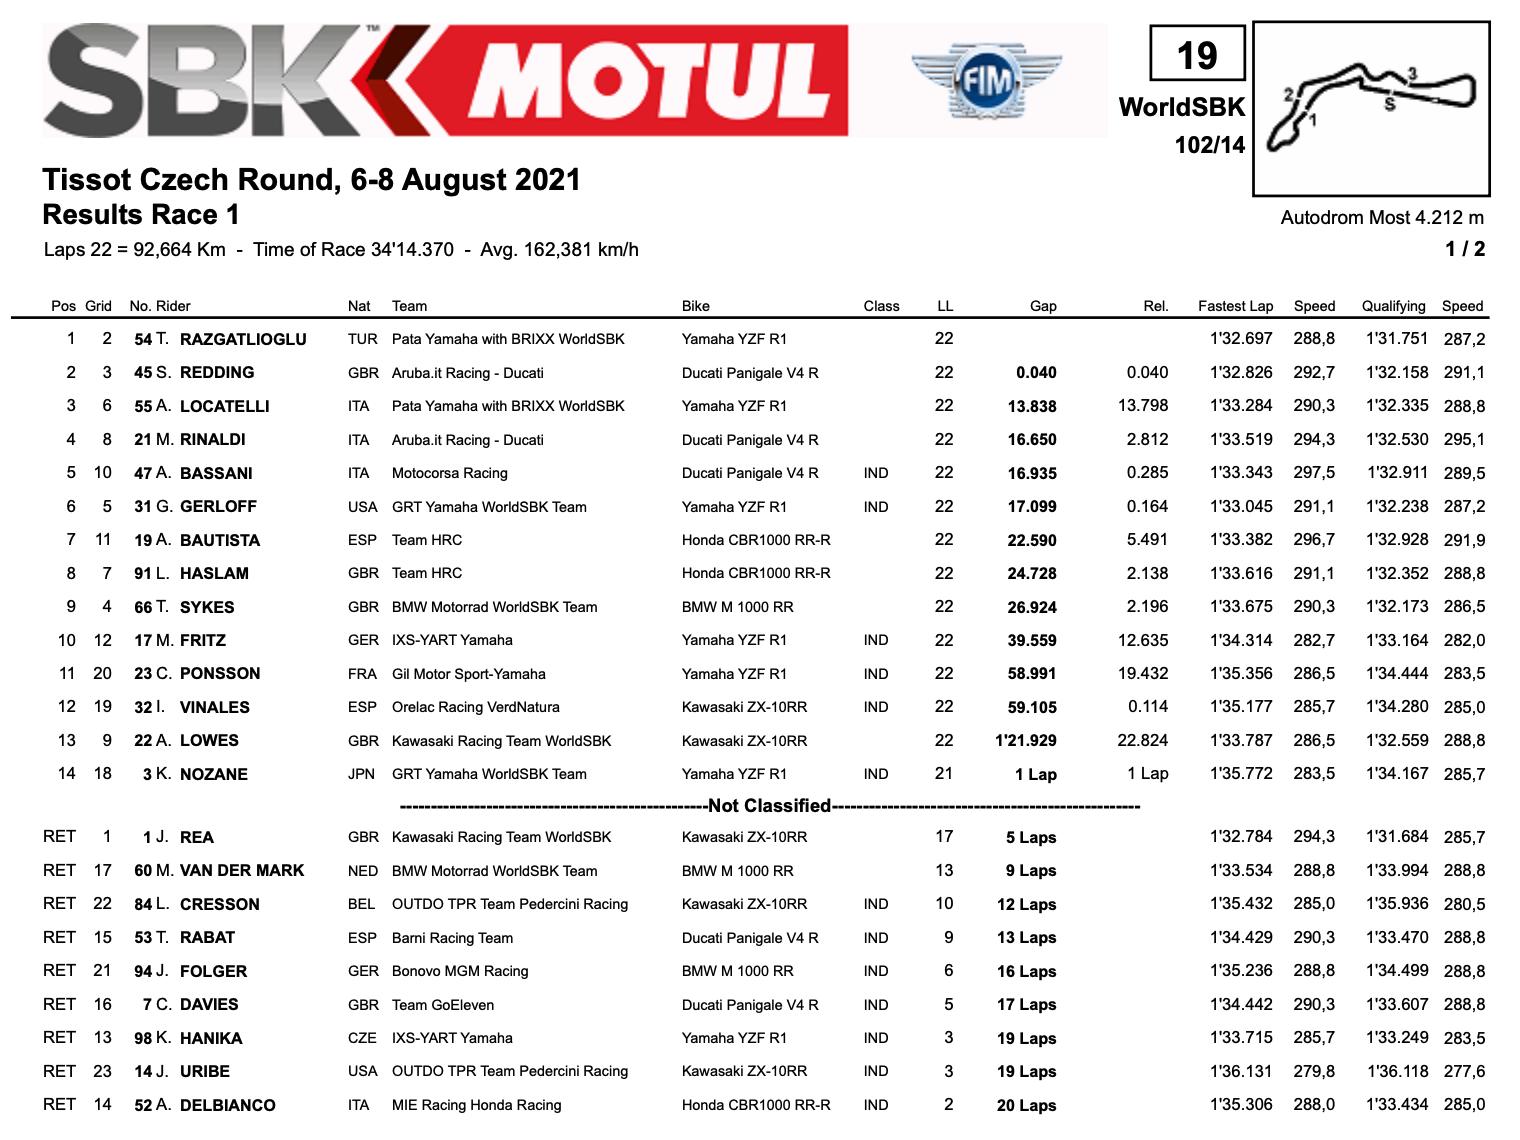 FIM スーパーバイク世界選手権(SBK)チェコ戦 レース1で優勝したのはトプラック・ラズガトリオグル